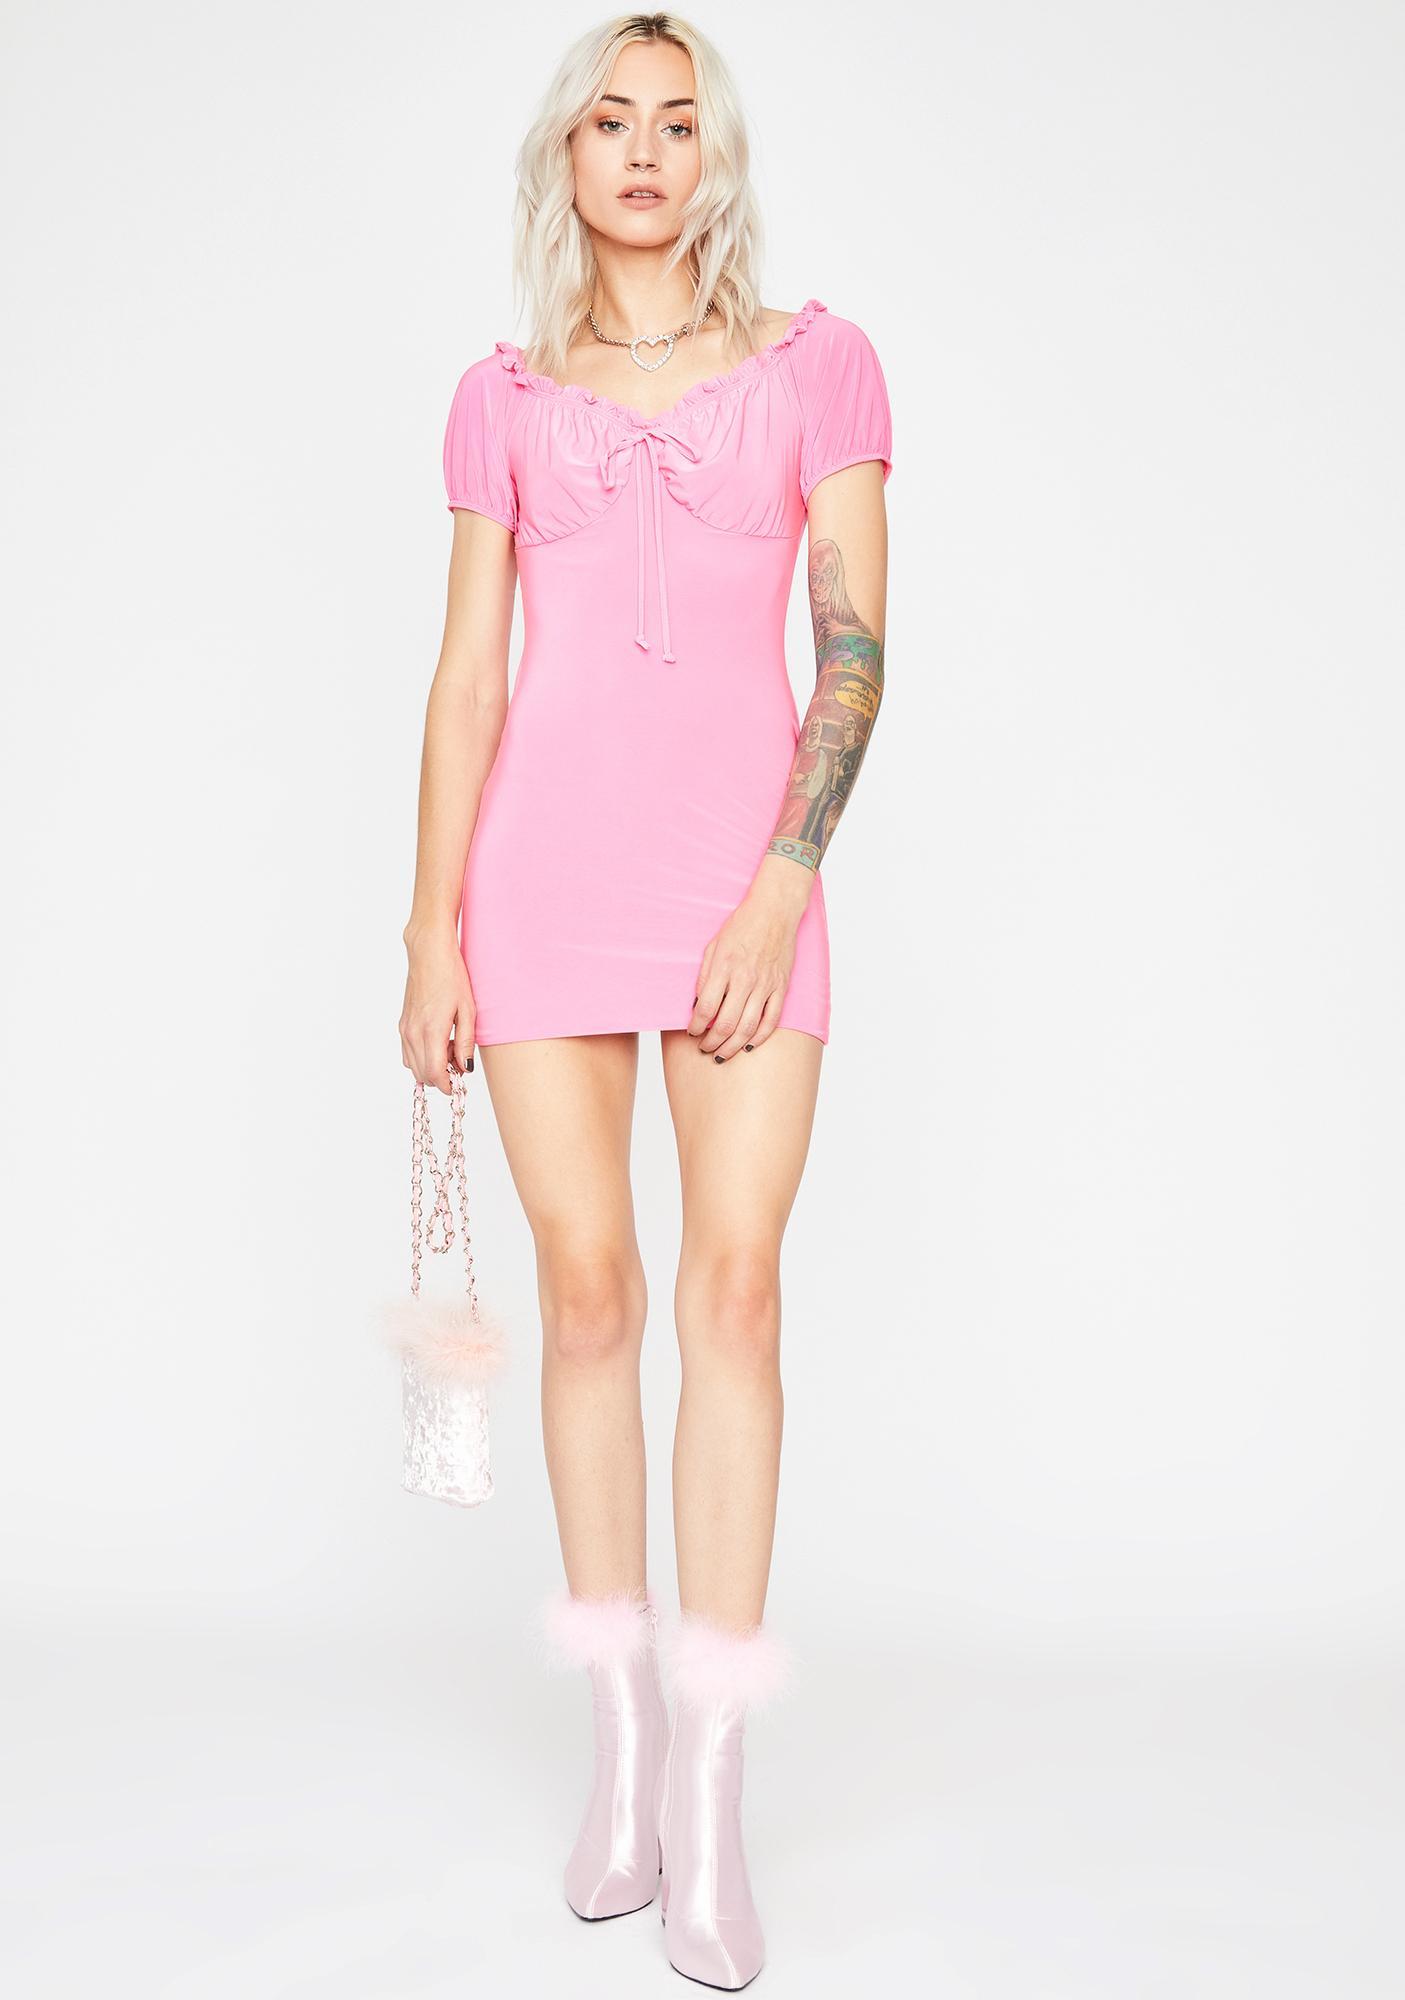 Bratty Lifestyle Mini Dress